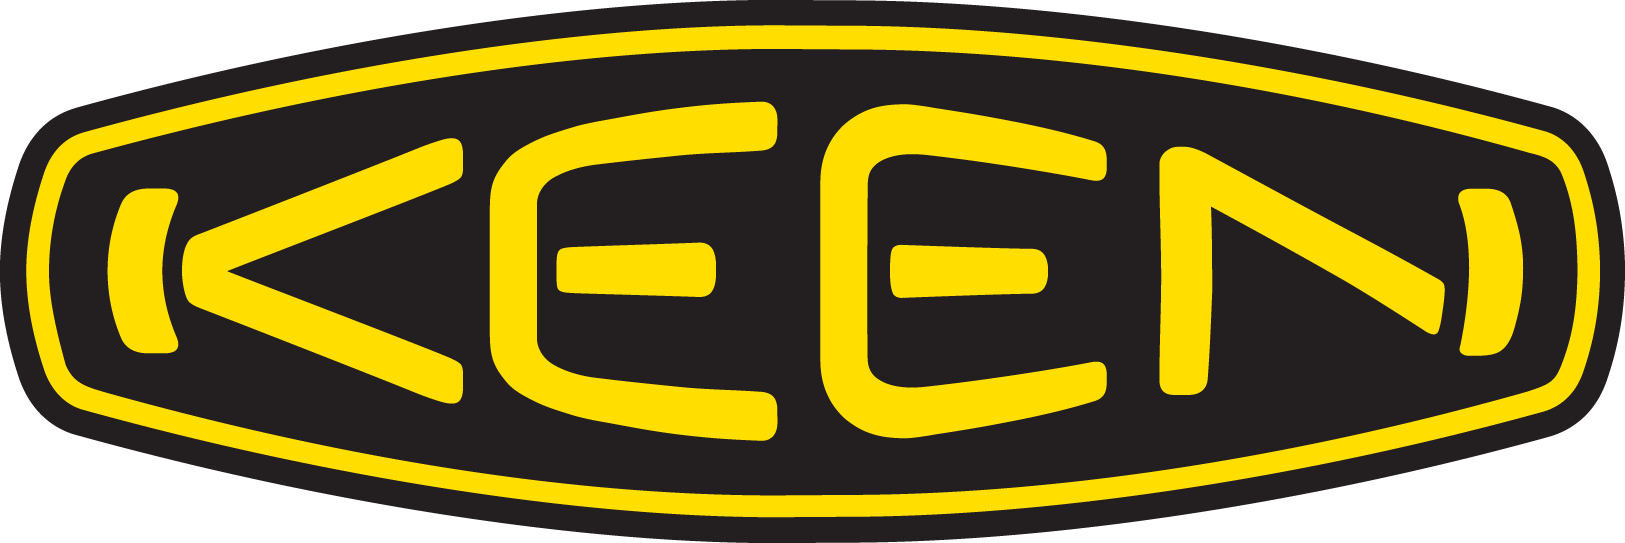 KEEN_Logo.png